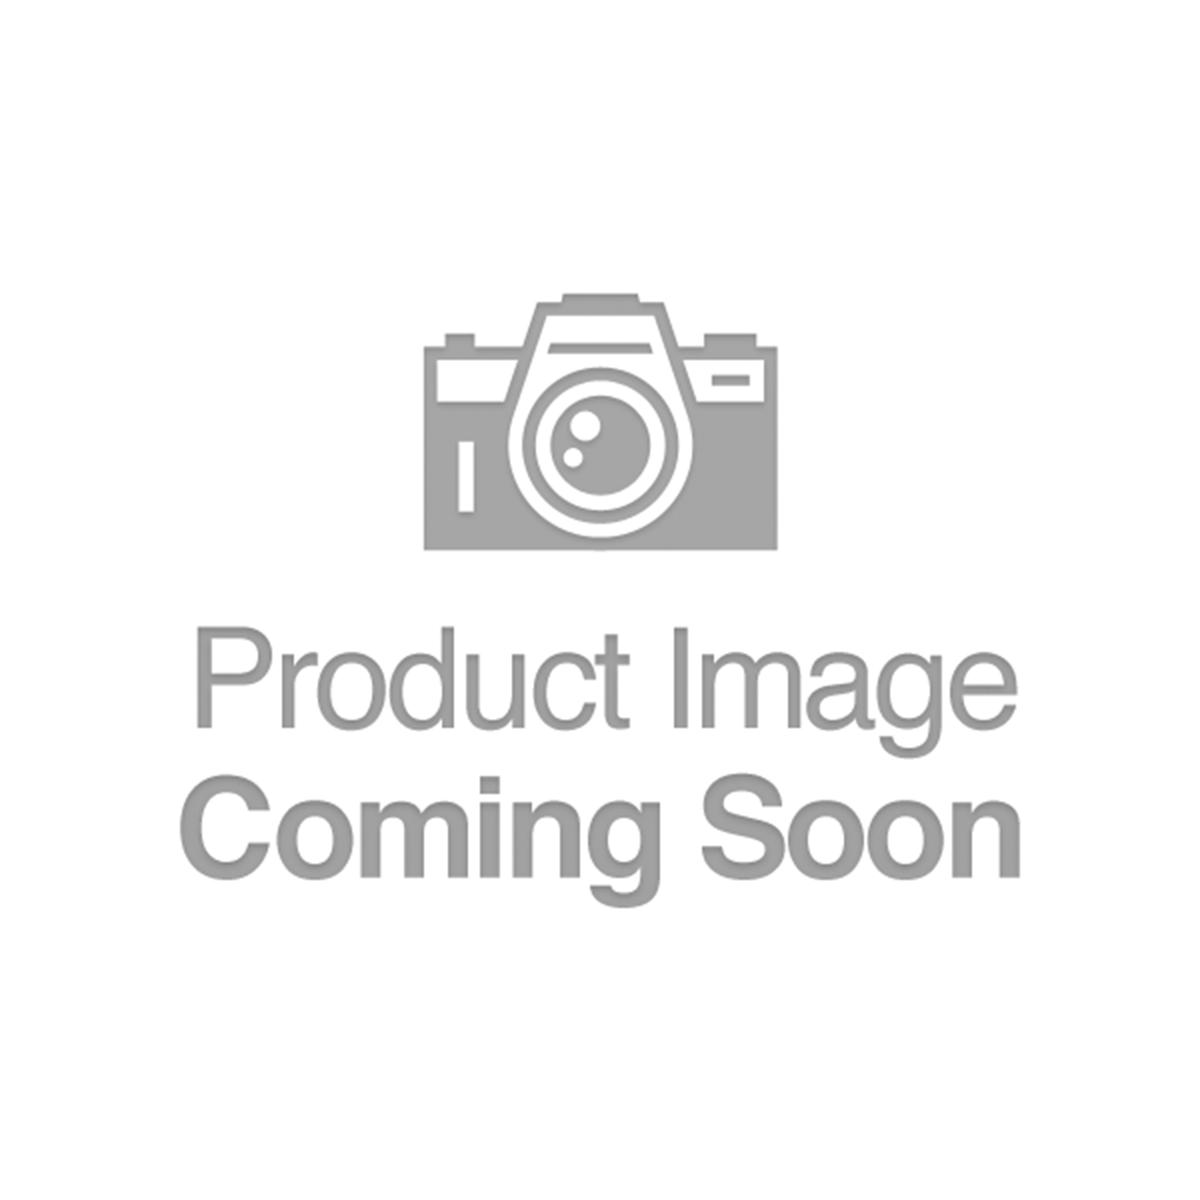 Evansville - Indiana - CH 12132 - FR 609 - PMG 65 EPQ